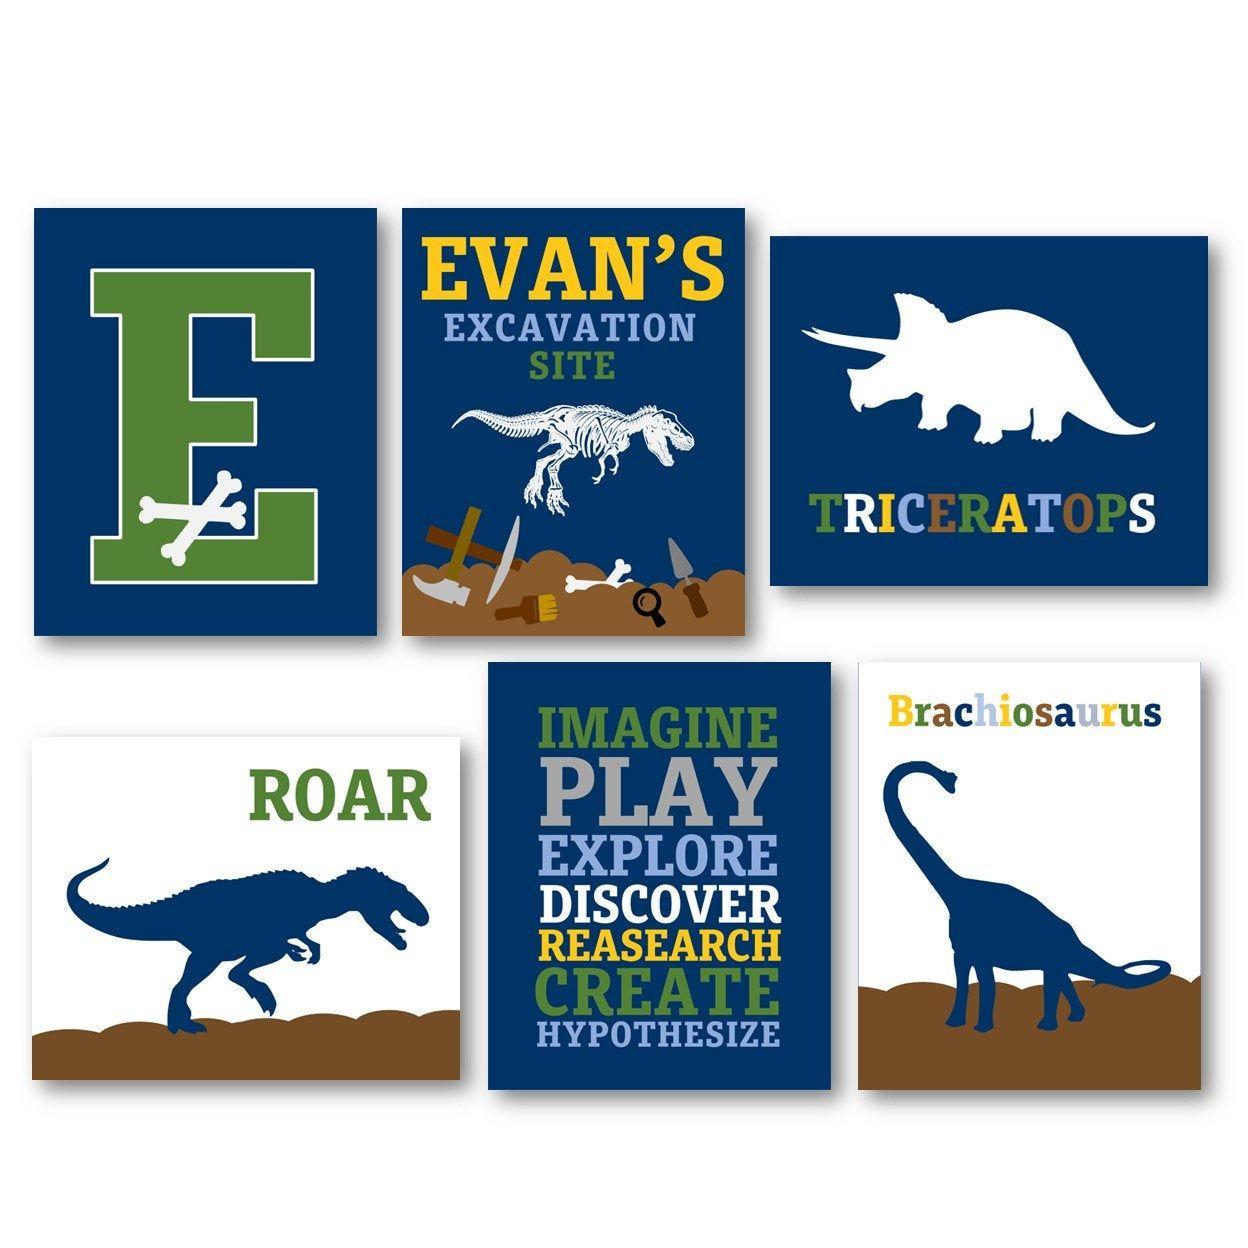 PERSONALIZED Dinosaur Wall Art, Dinosaur Decor, Dinosaur Art for Boys Room, Dino wall art in Navy Blue, Dinosaur Nursery Decor Navy Blue